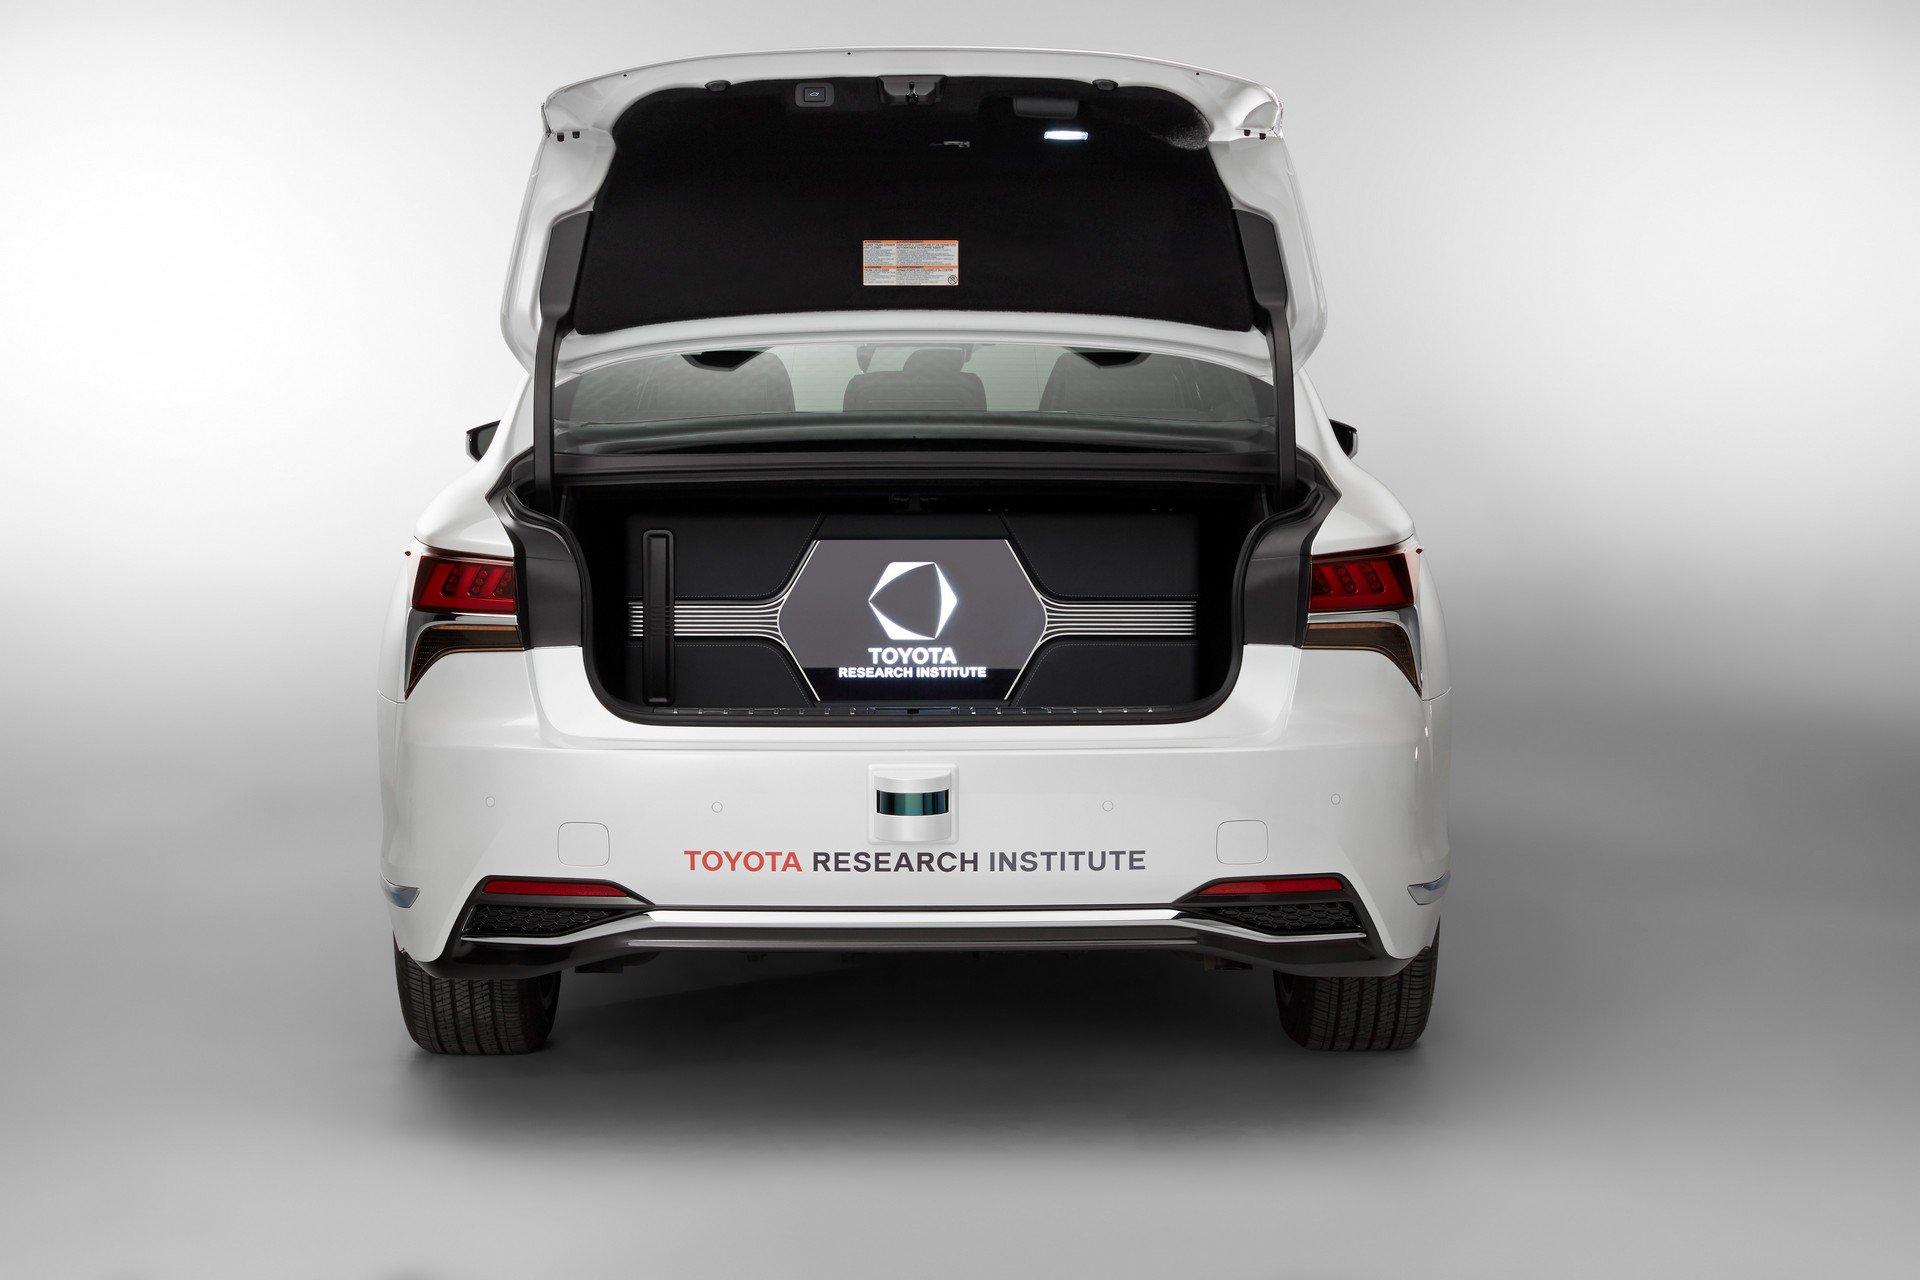 Toyota CES Lexus LS500h TRI-P4 autonomous (7)